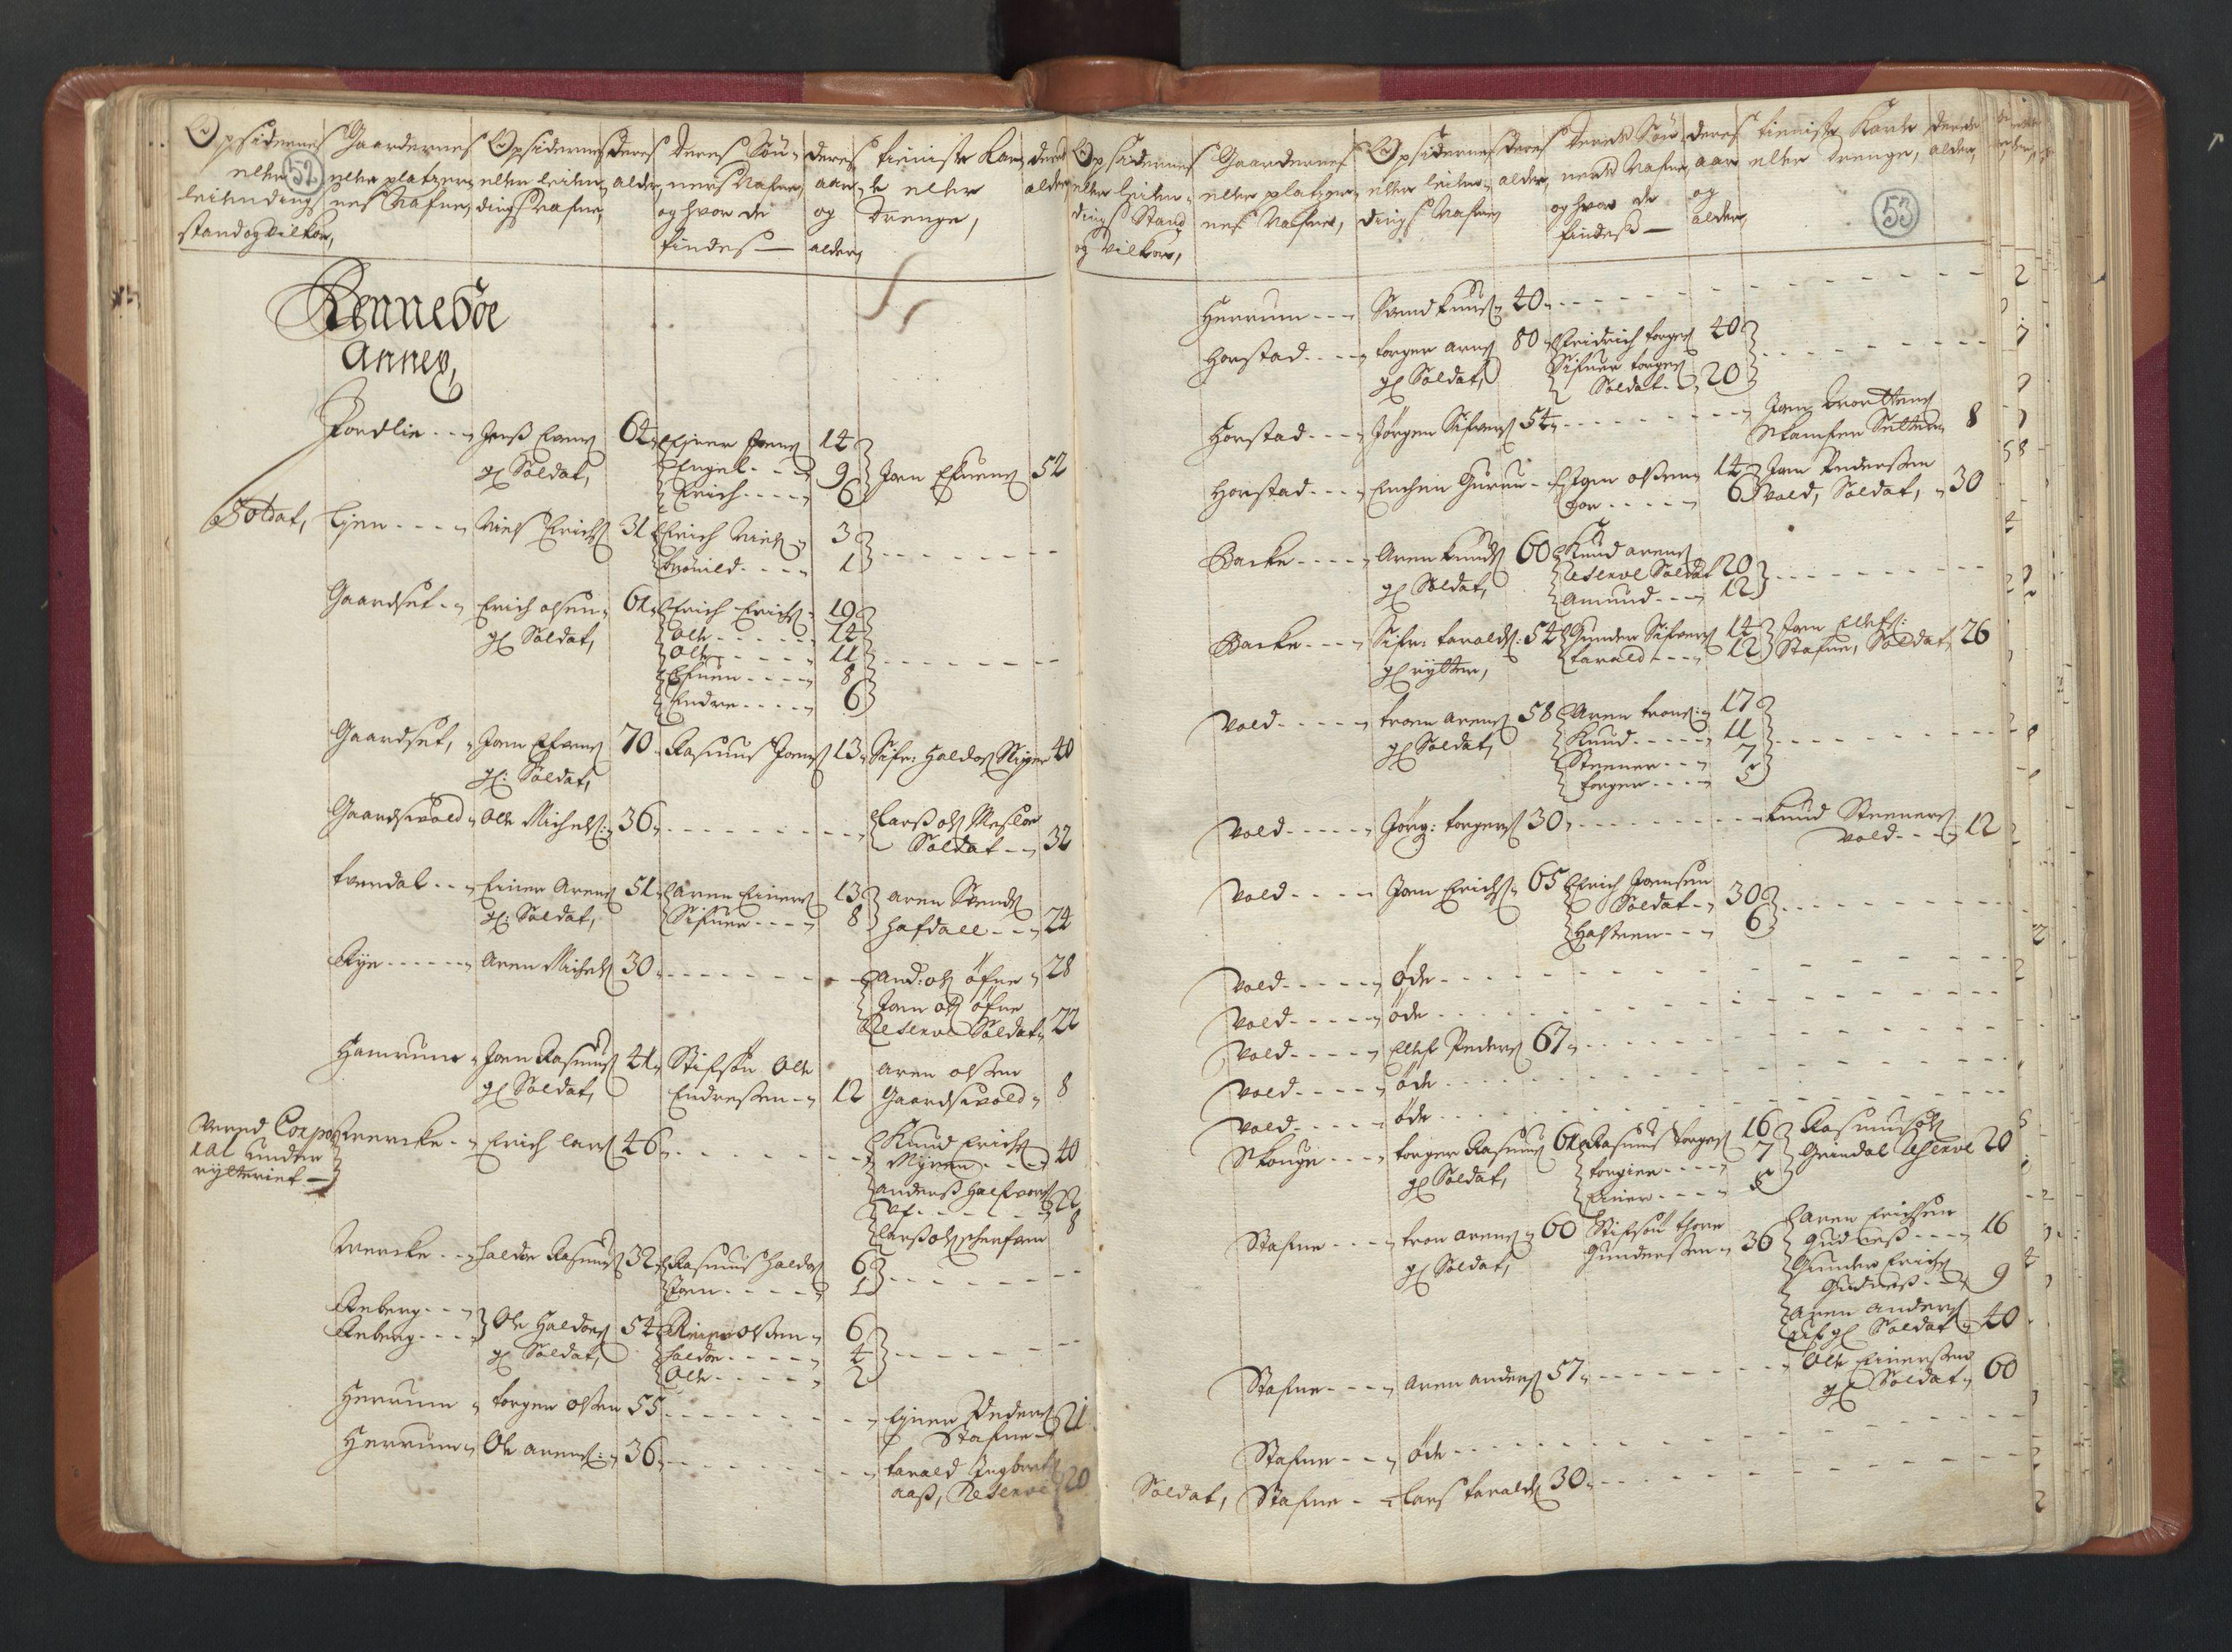 RA, Manntallet 1701, nr. 13: Orkdal fogderi og Gauldal fogderi med Røros kobberverk, 1701, s. 52-53